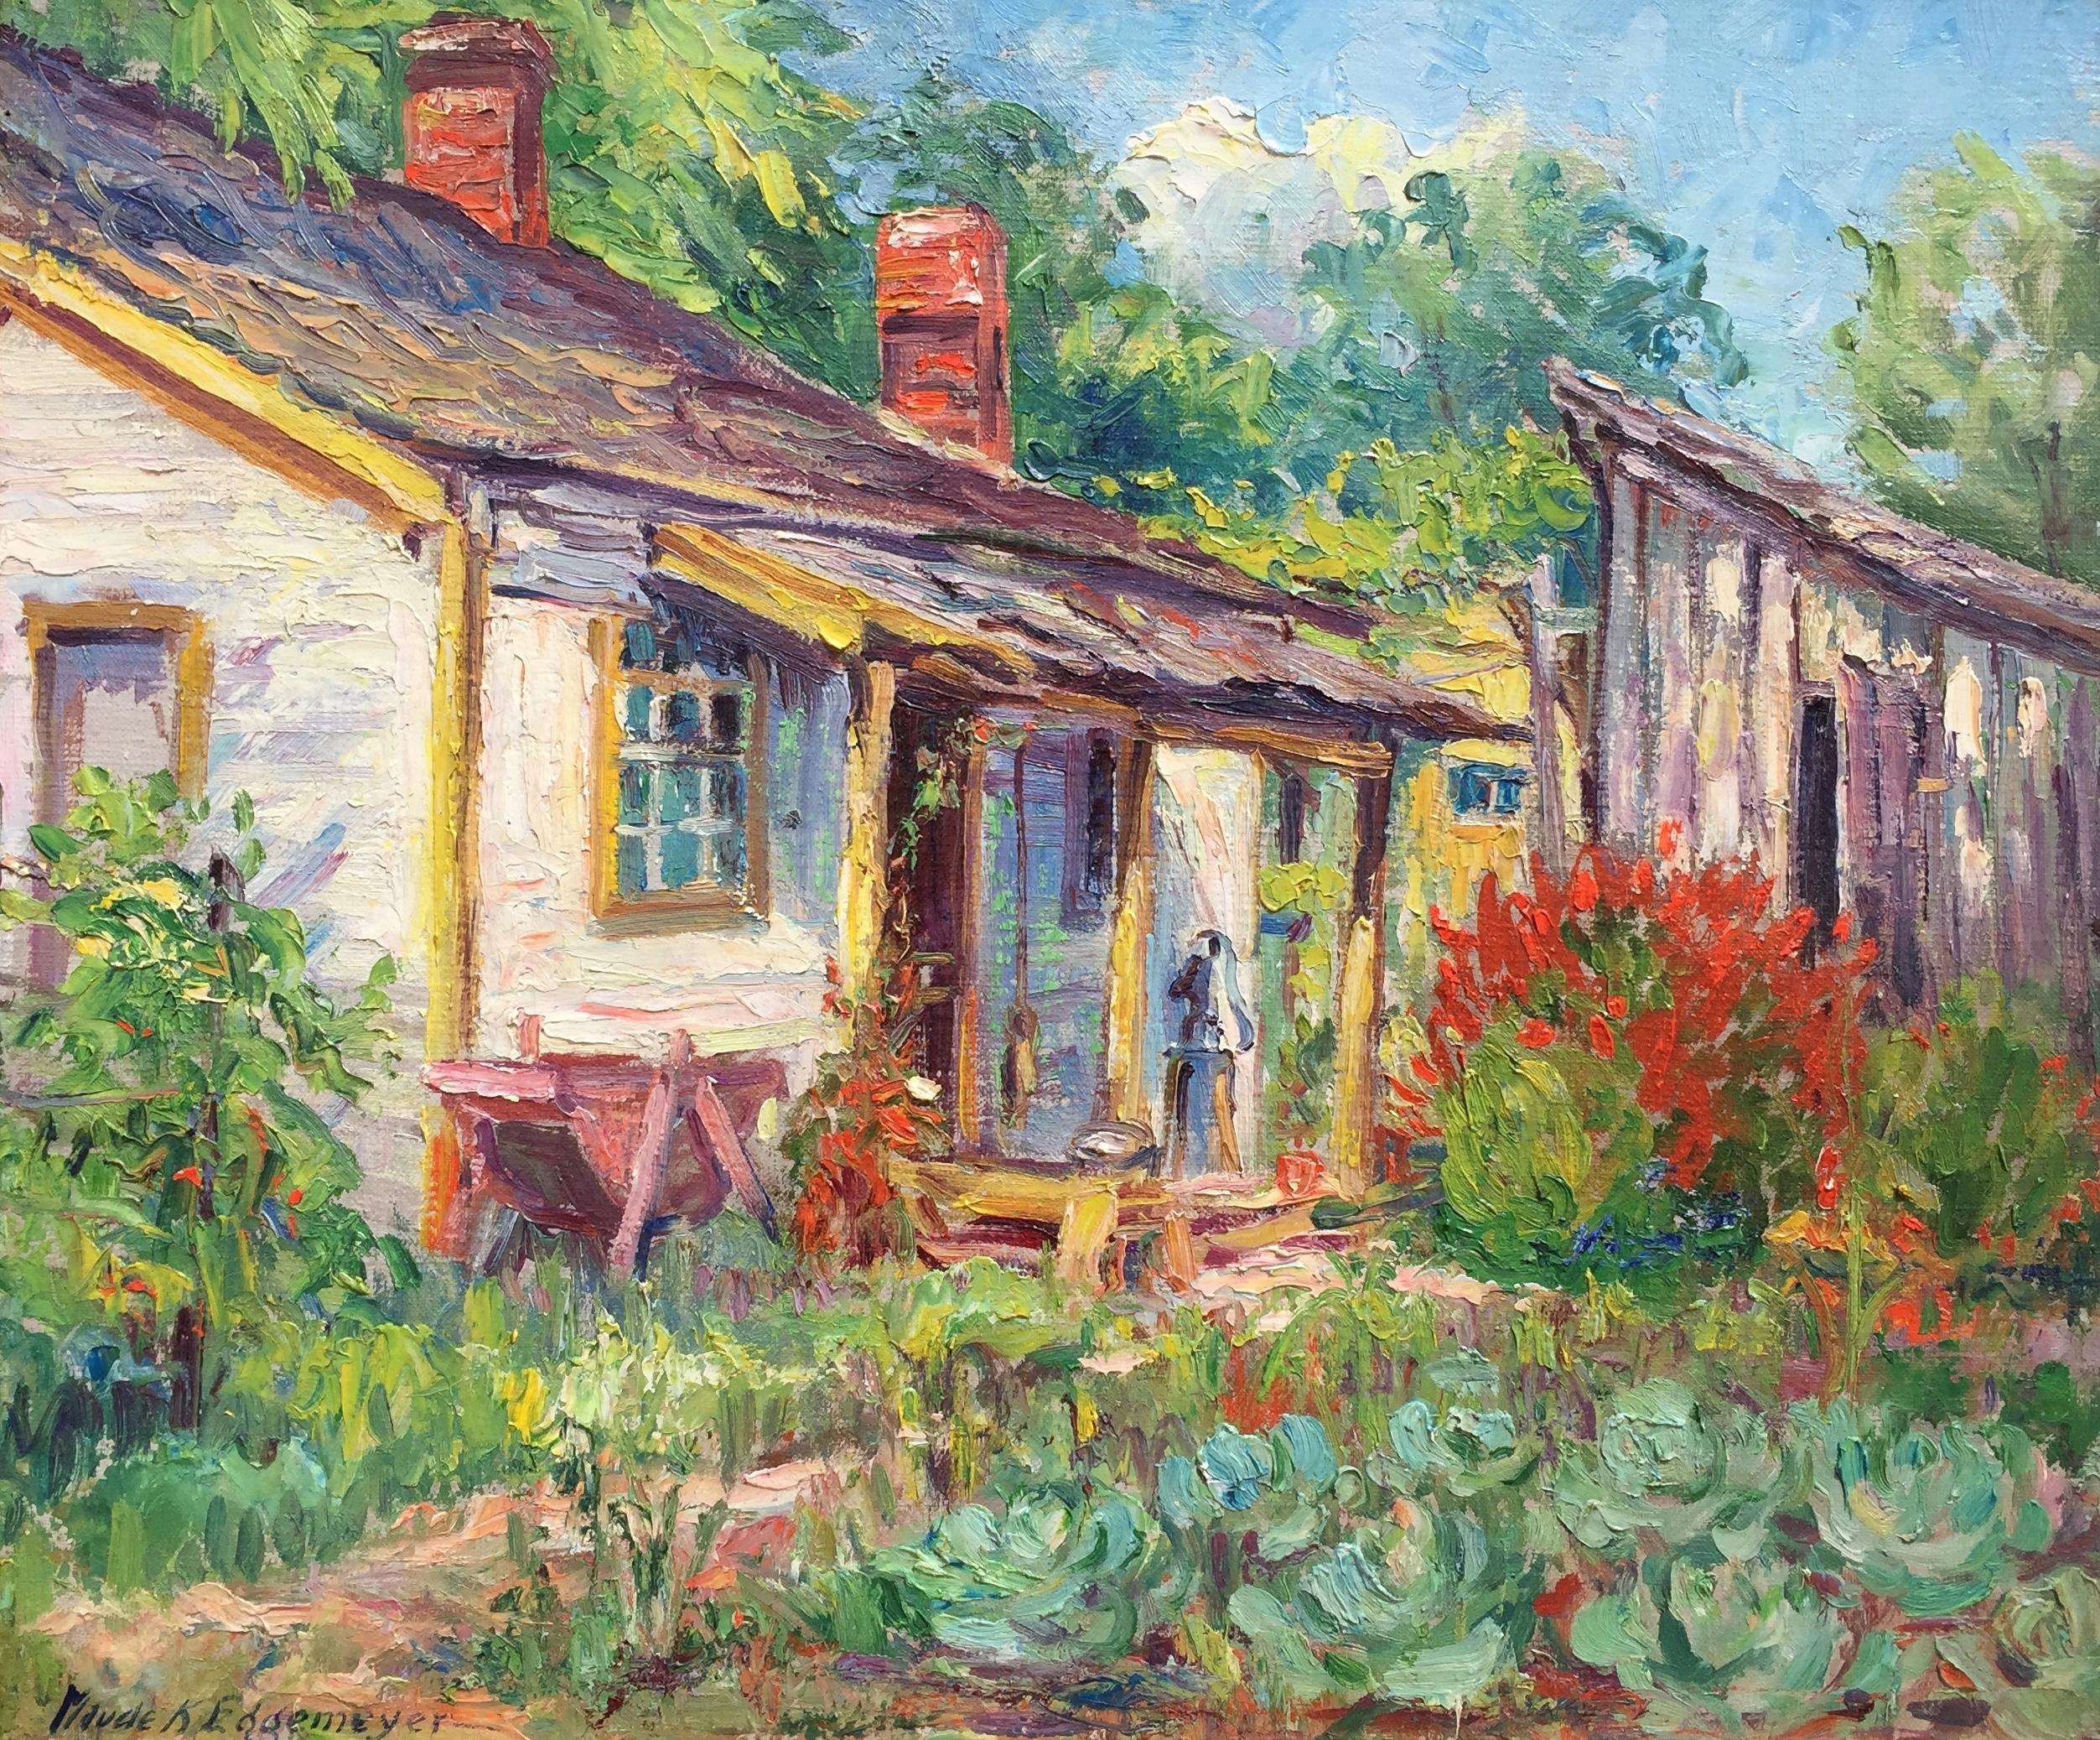 The Cabin Garden